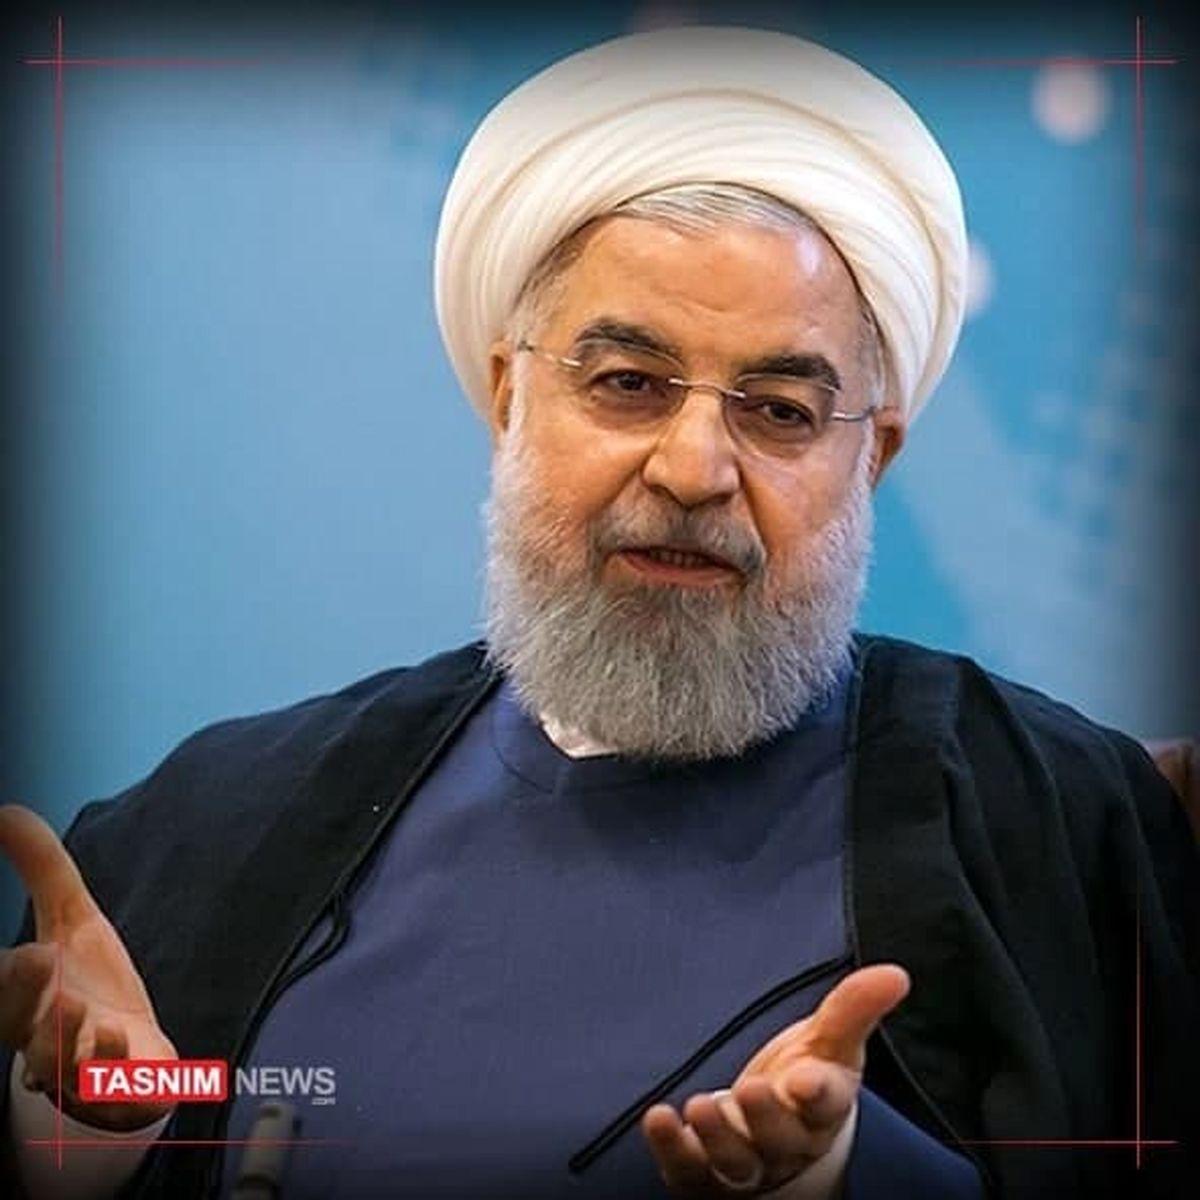 روحانی: در انتخابات ۱۴۰۰ سلامت جامعه تضمین شود